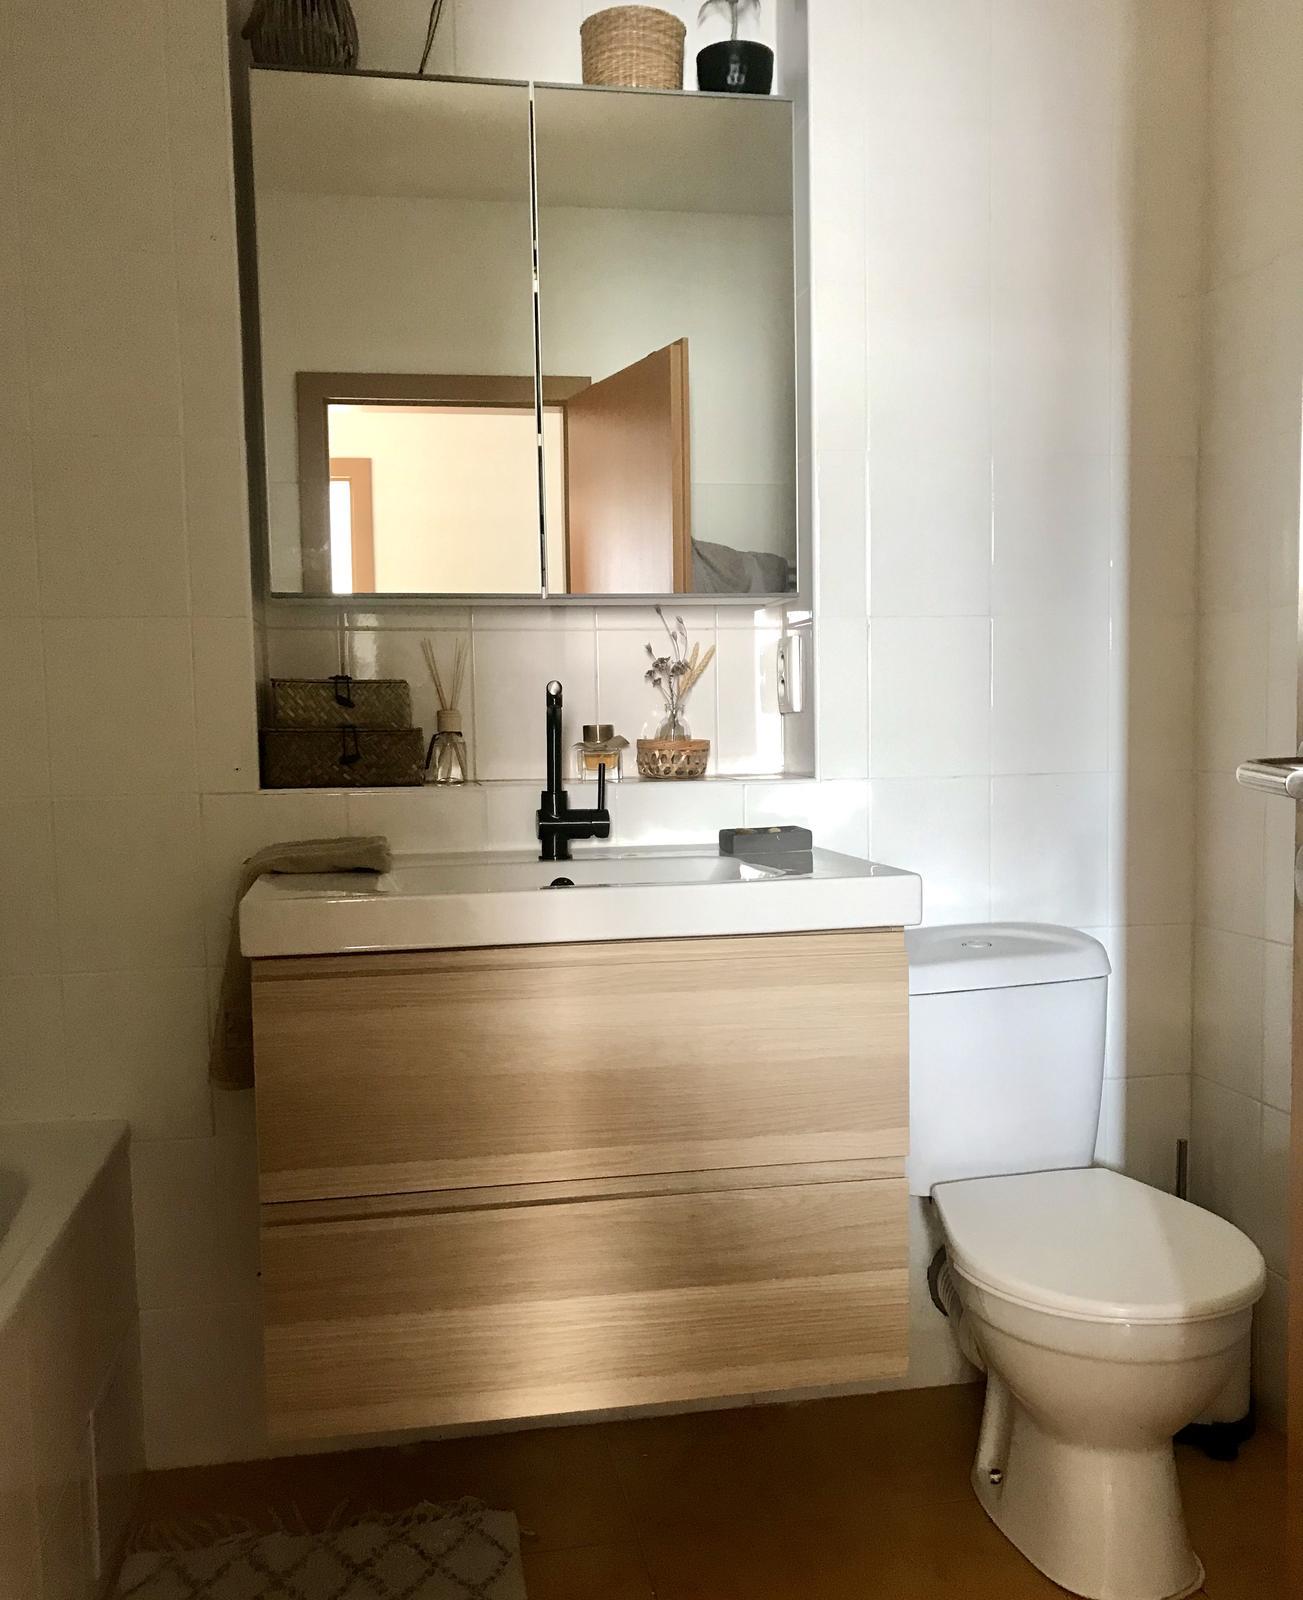 Z příšerné koupelny tvořím trochu lepší 💪 - Obrázek č. 25